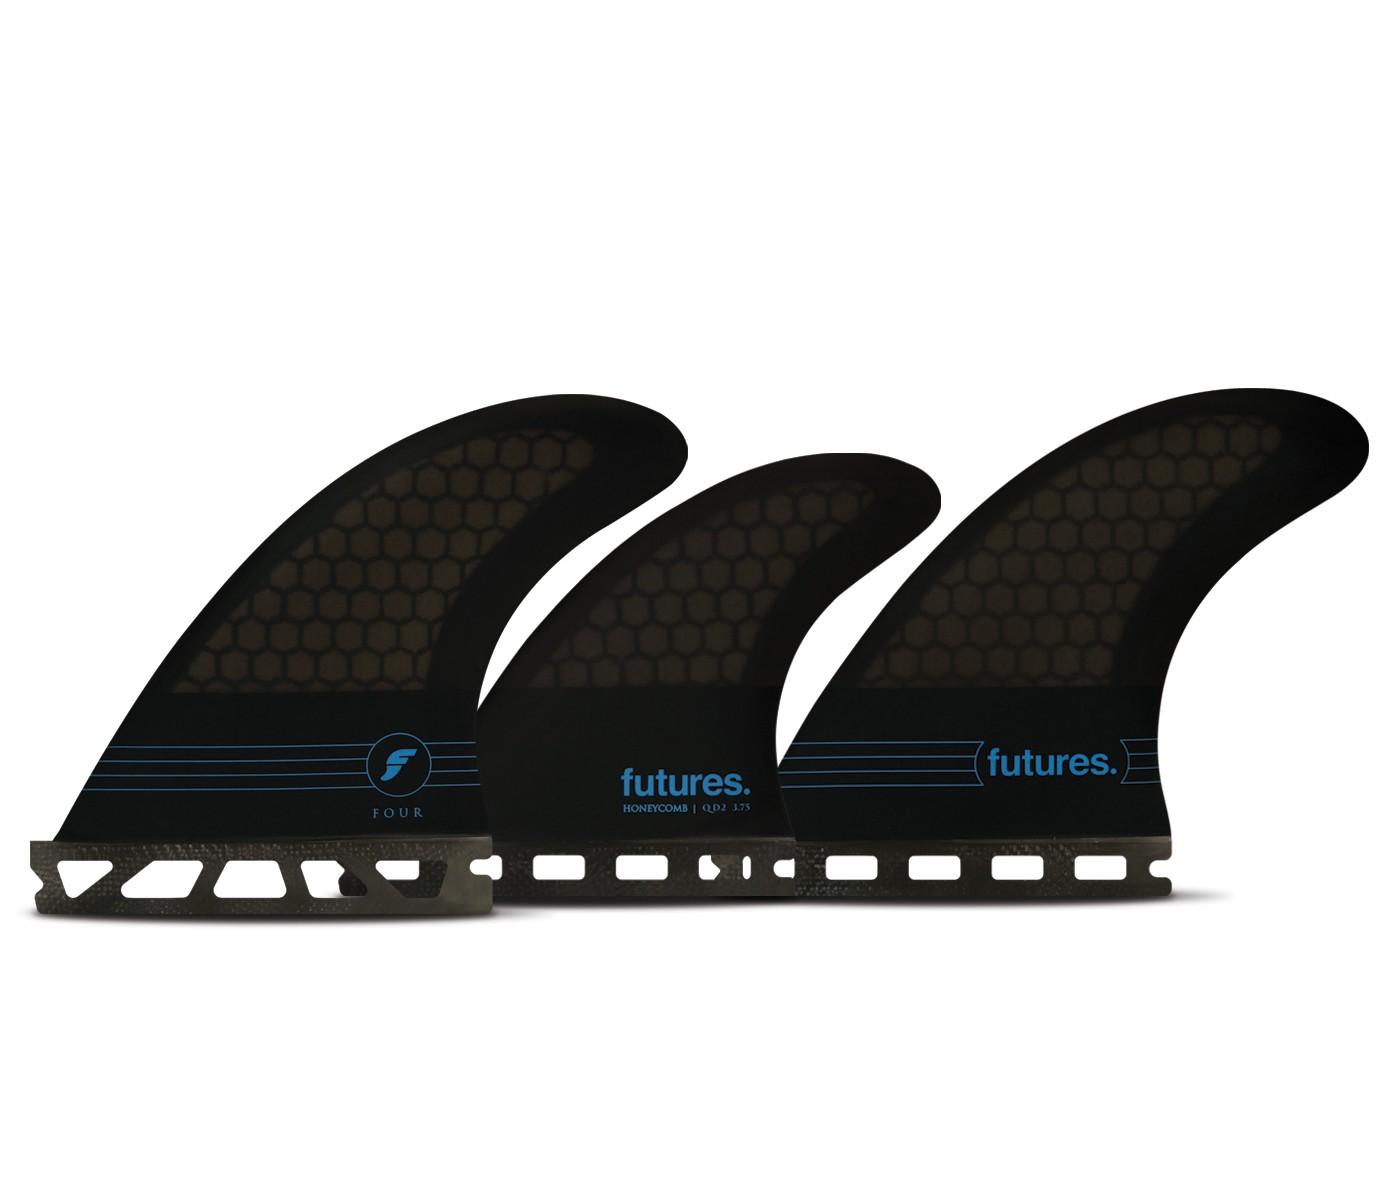 フューチャーフィン FUTURE FIN F4 honeycomb 5-Fin モデル発売! Futures Fins F4 5-Fin